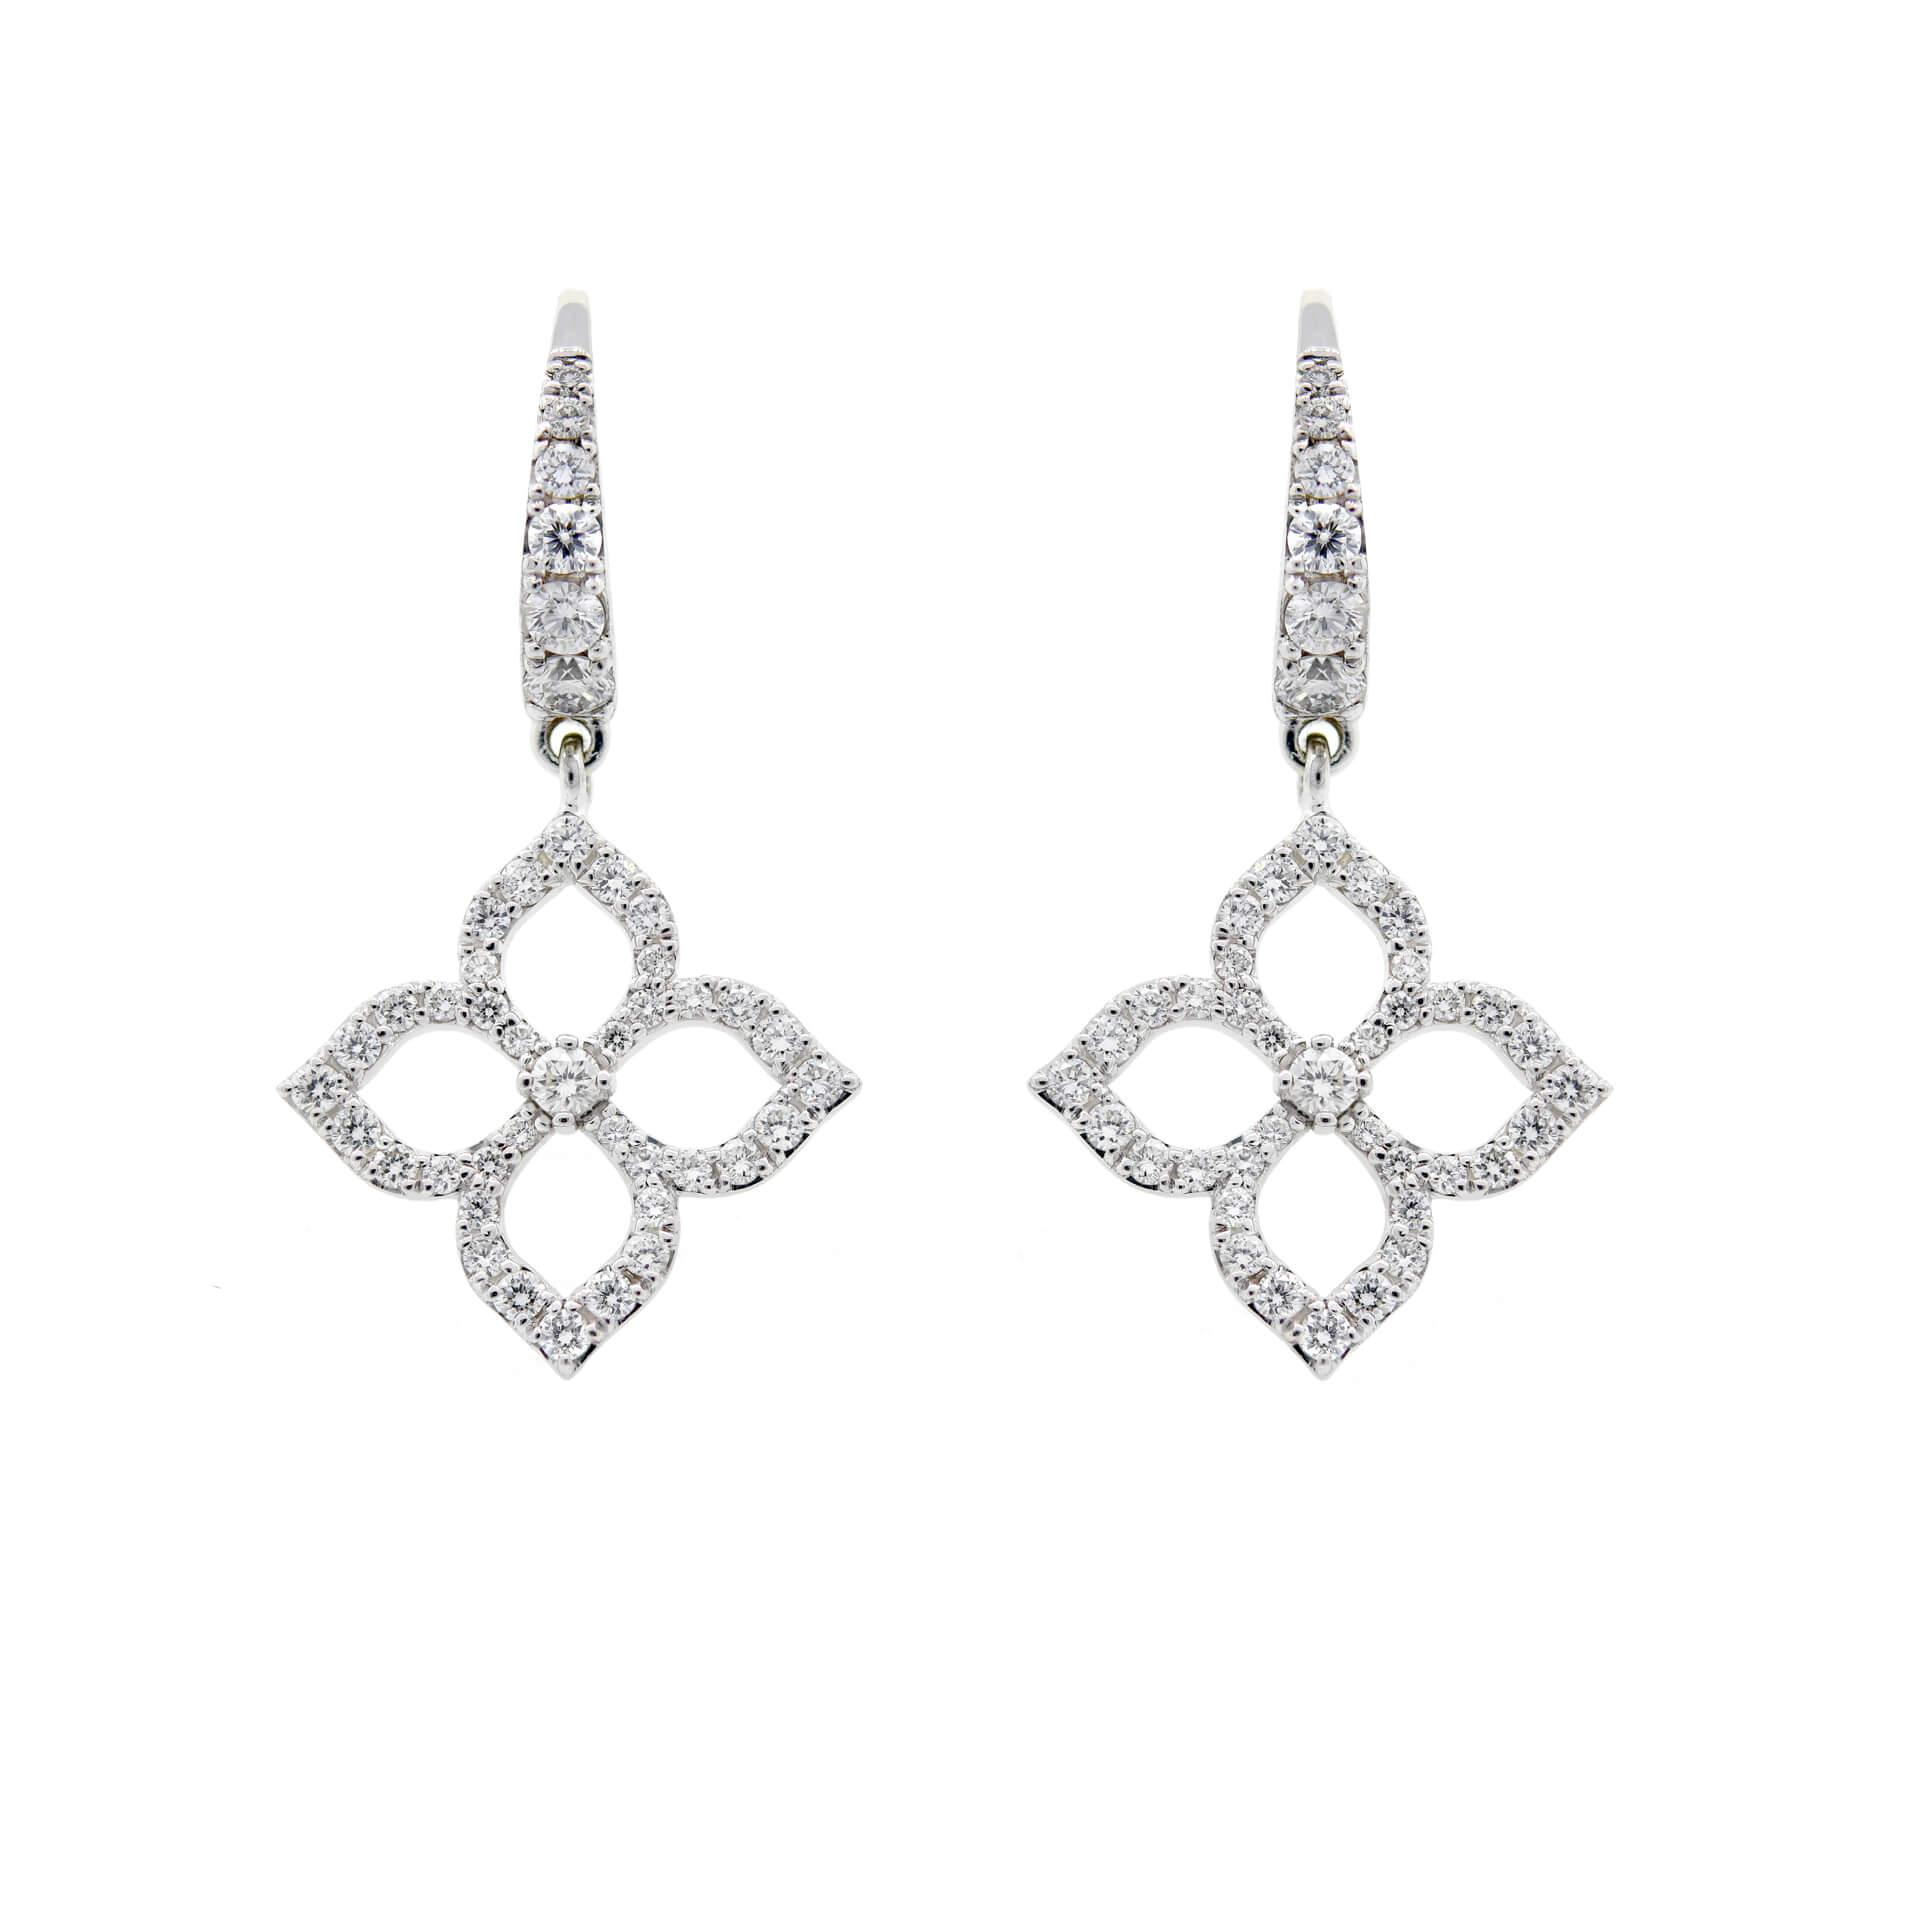 White Gold Diamond 4-Petal Flower Earrings